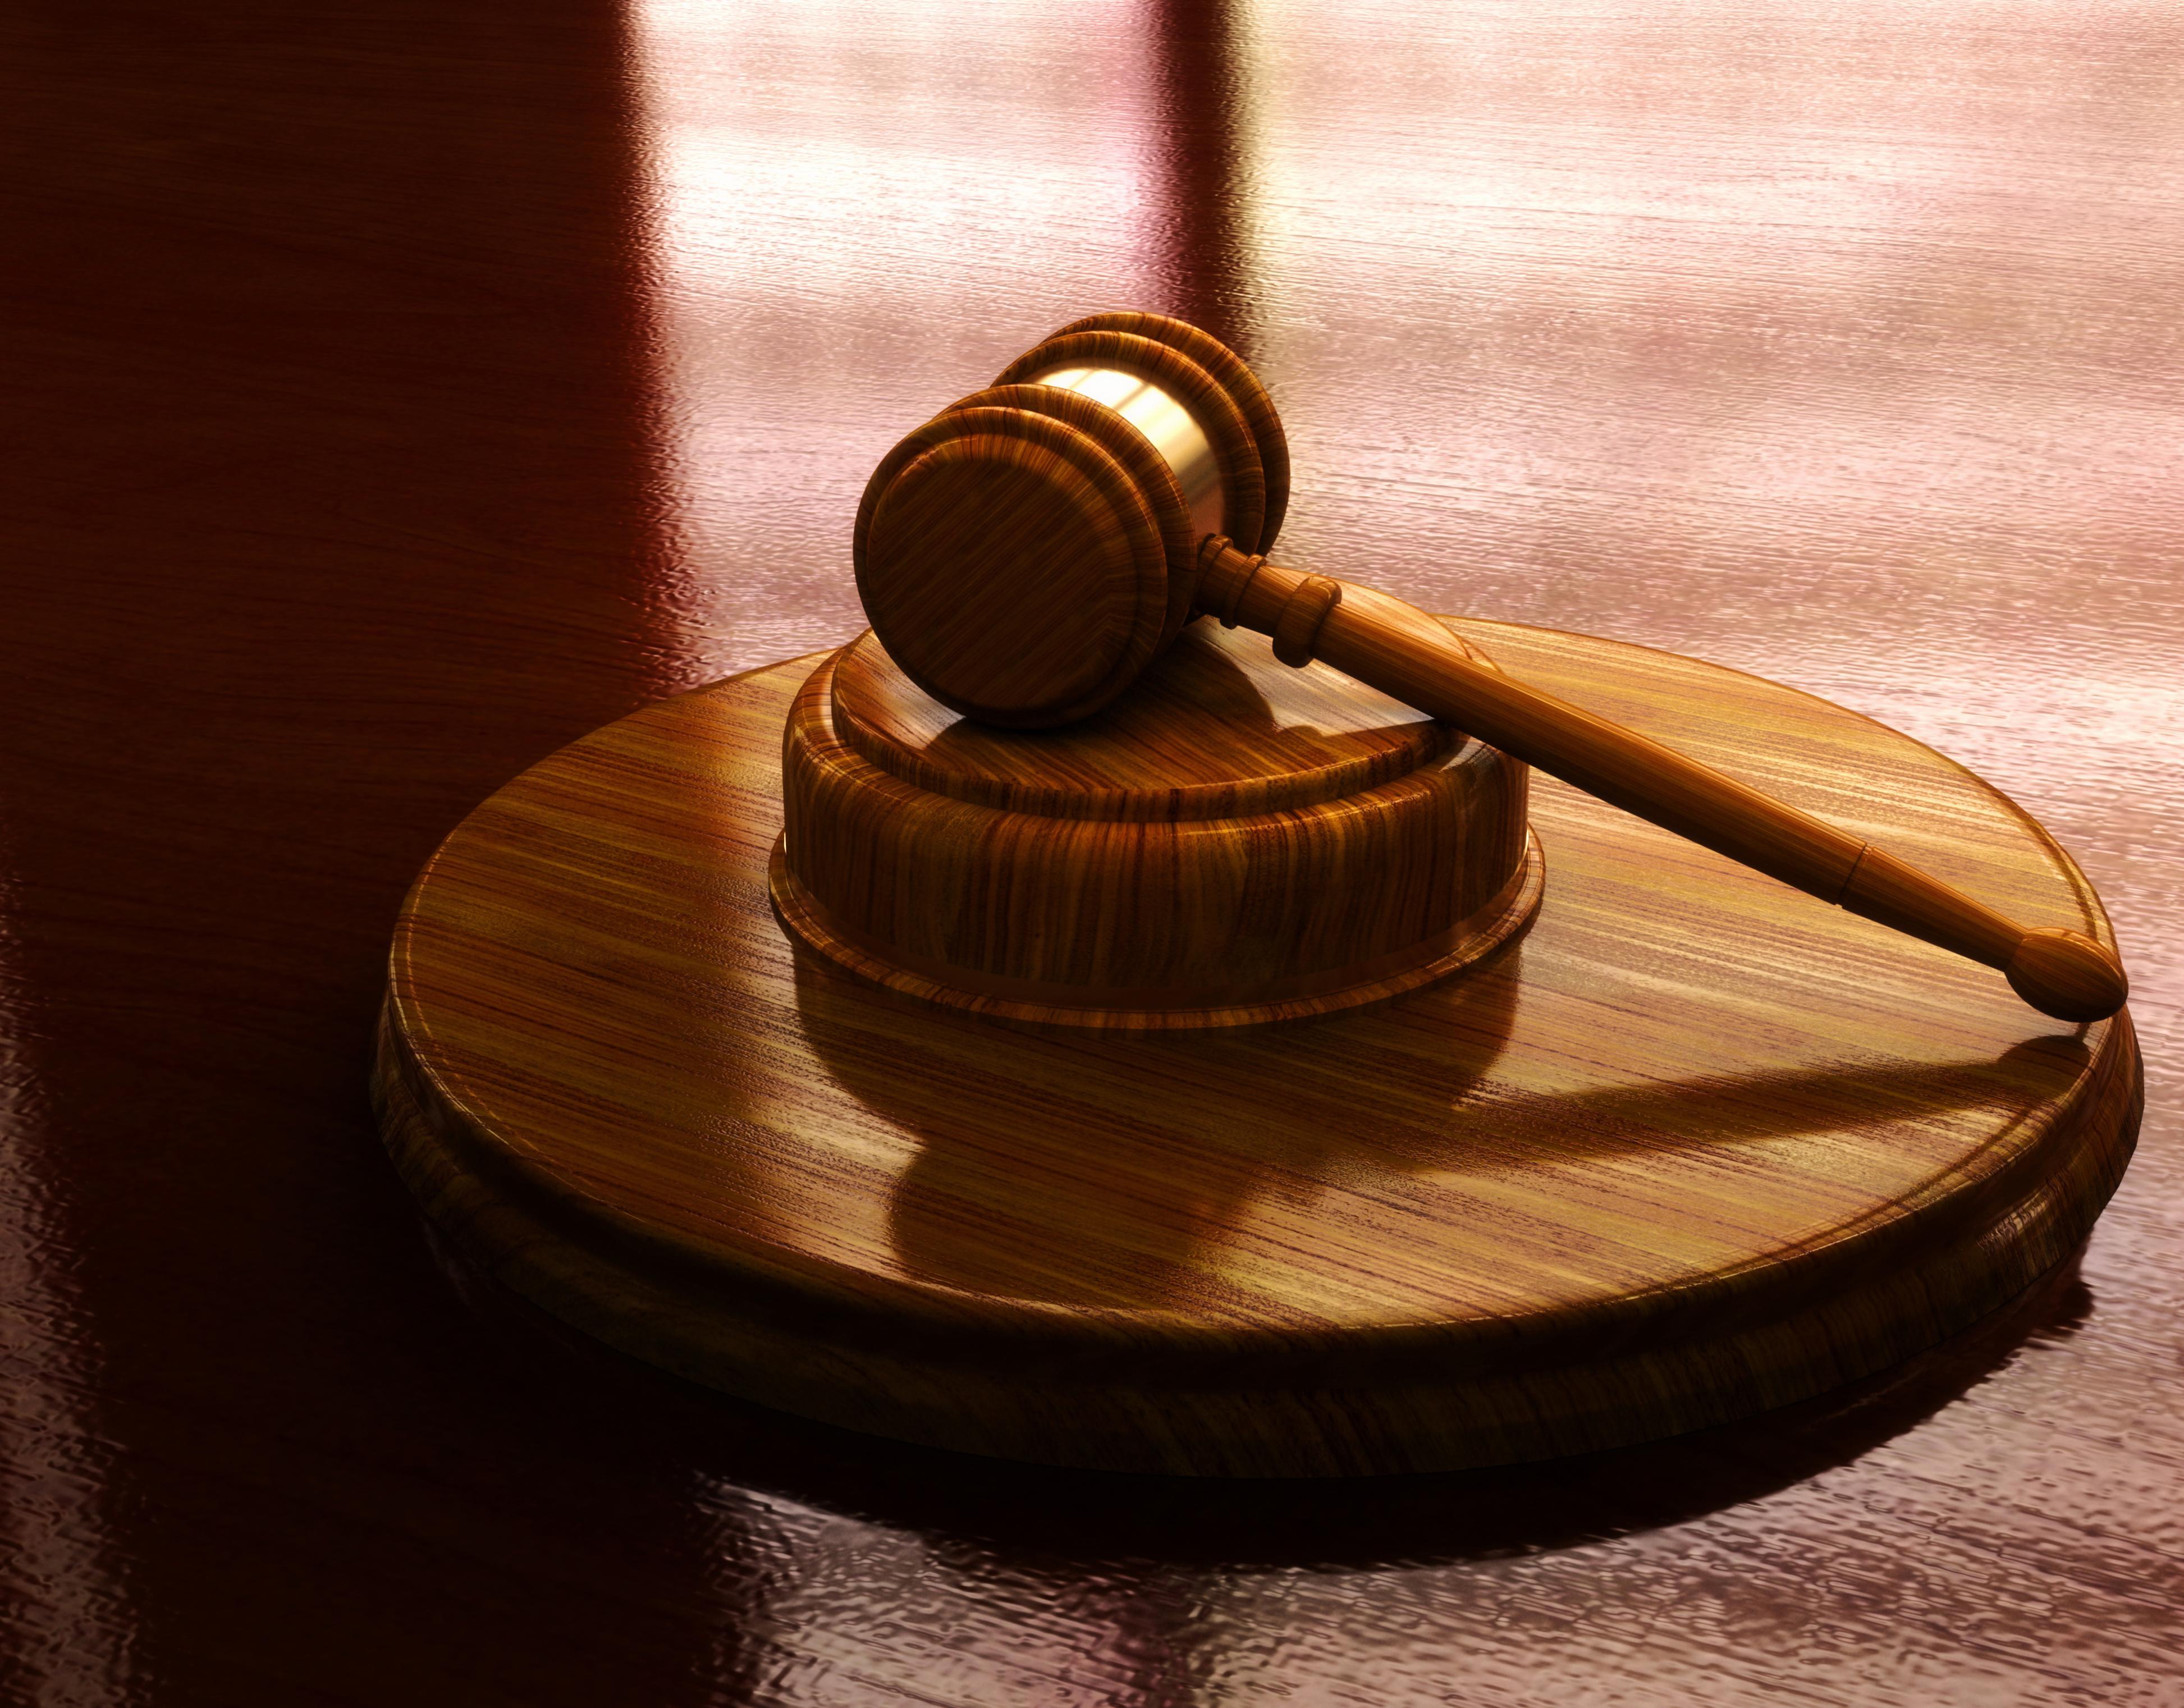 Slenderman stabber seeks appeal